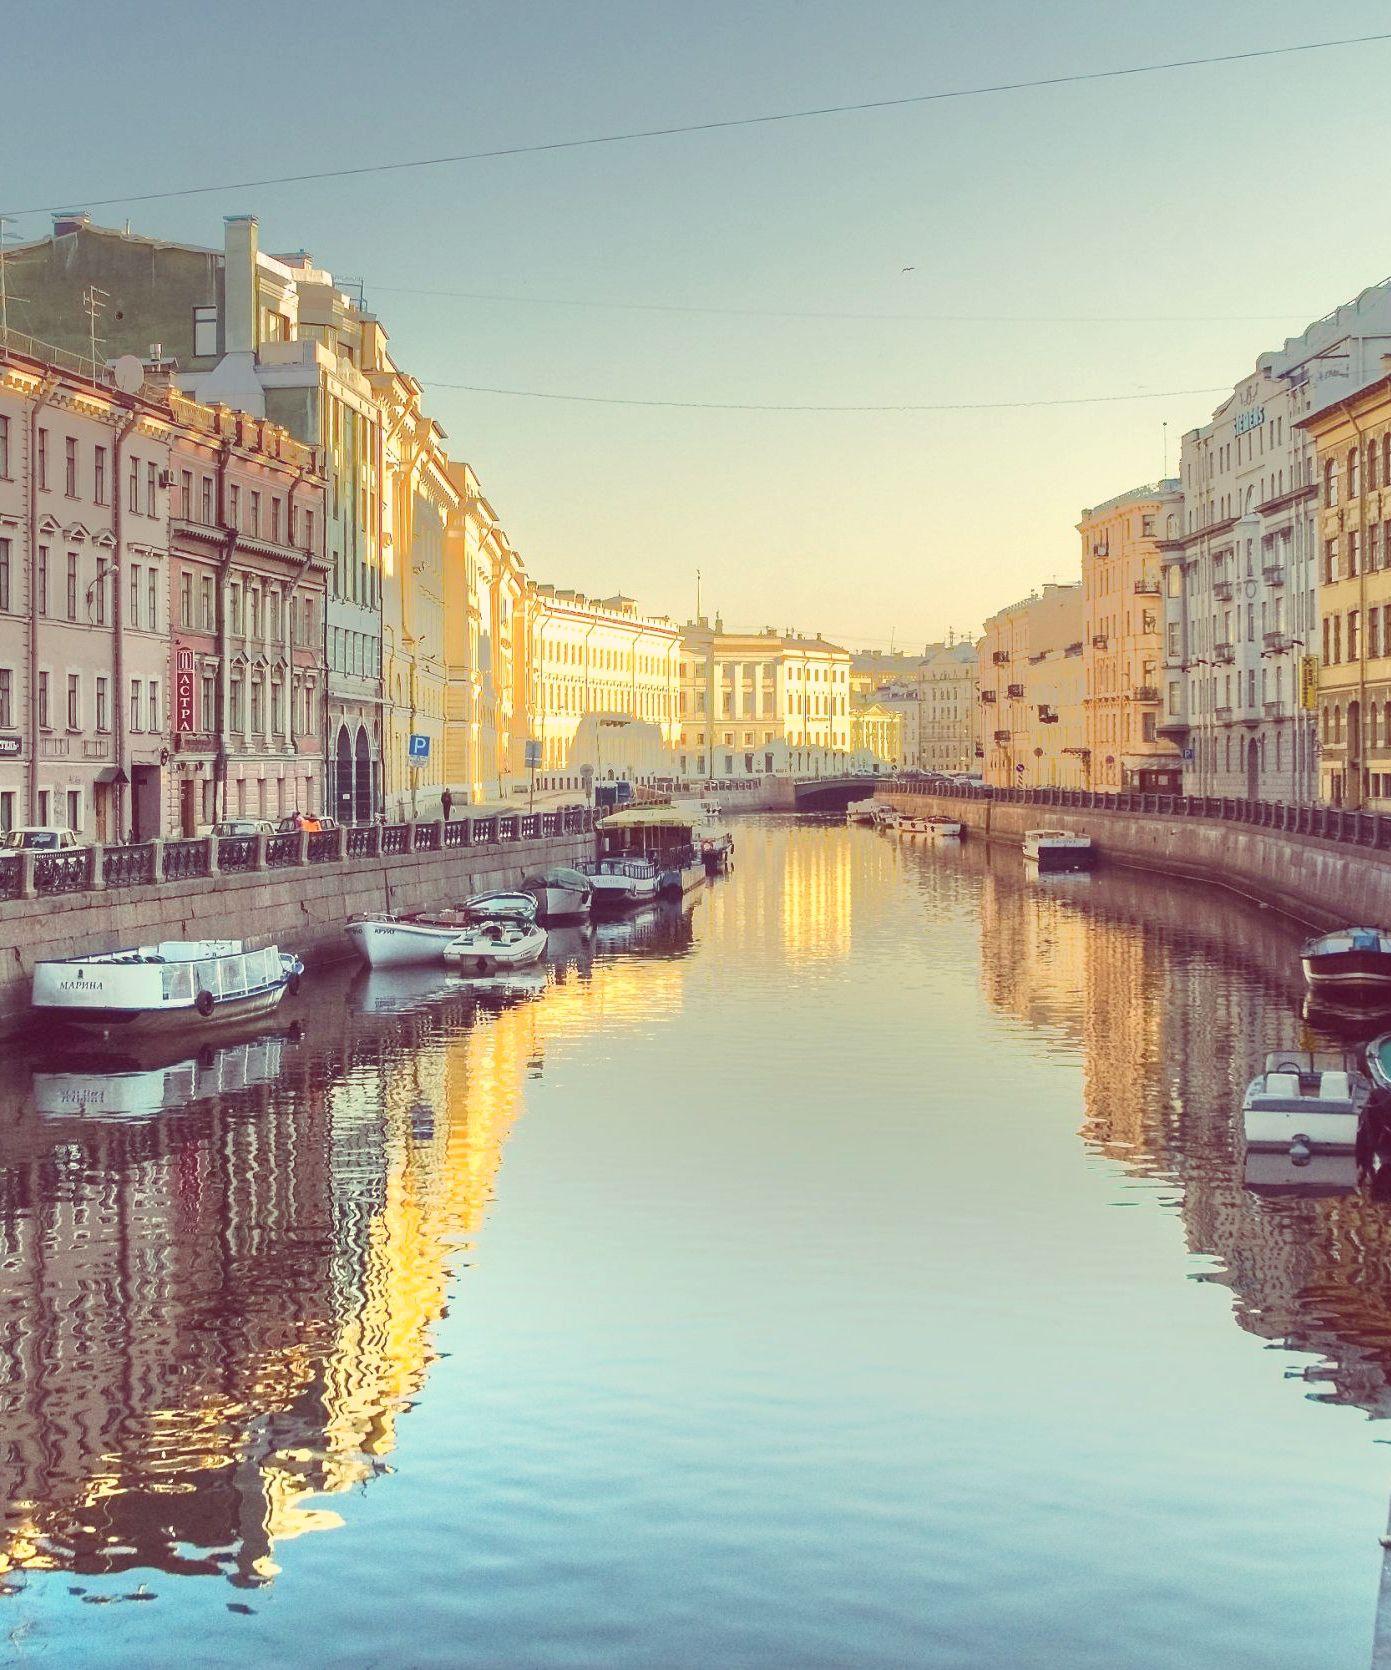 Санкт-Петербург, Россия.  Saint Petersburg, Russia.